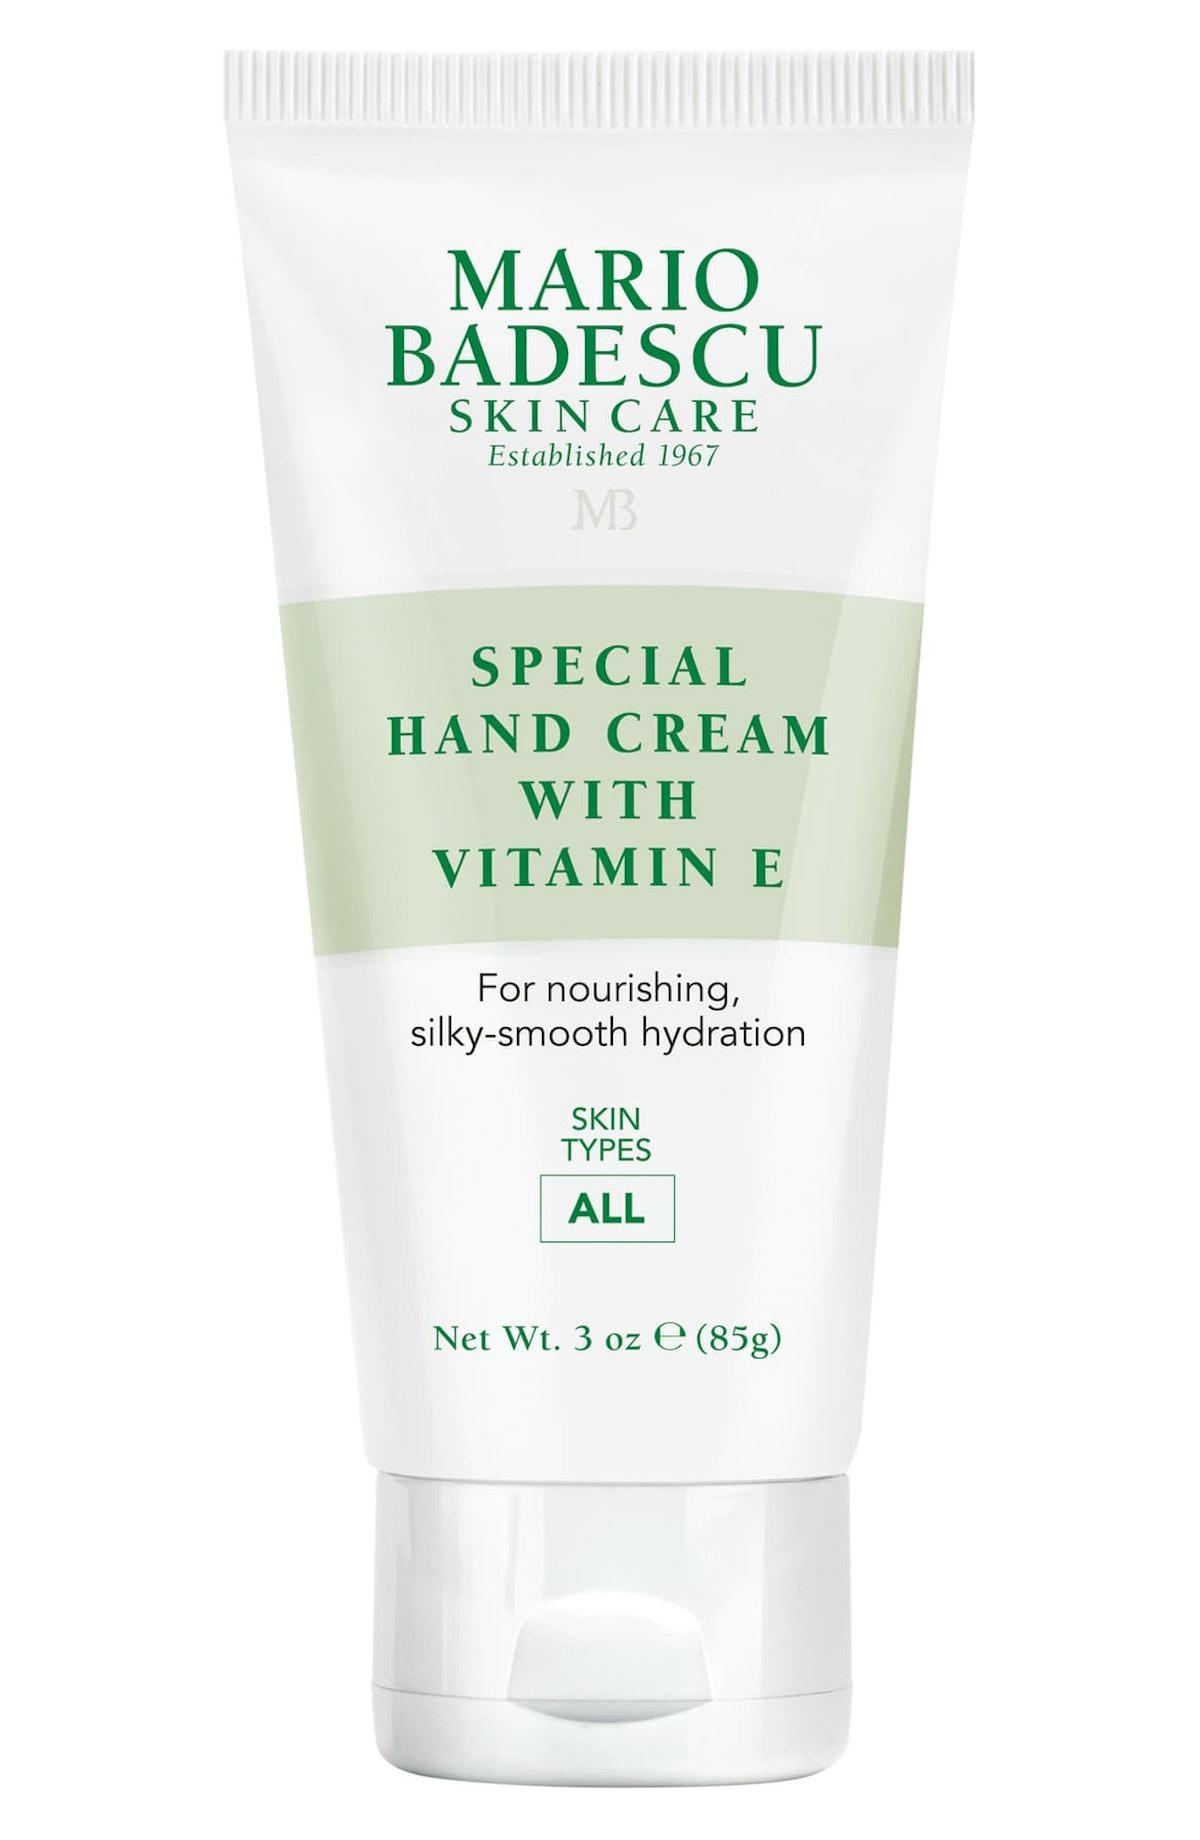 Special Hand Cream with Vitamin E